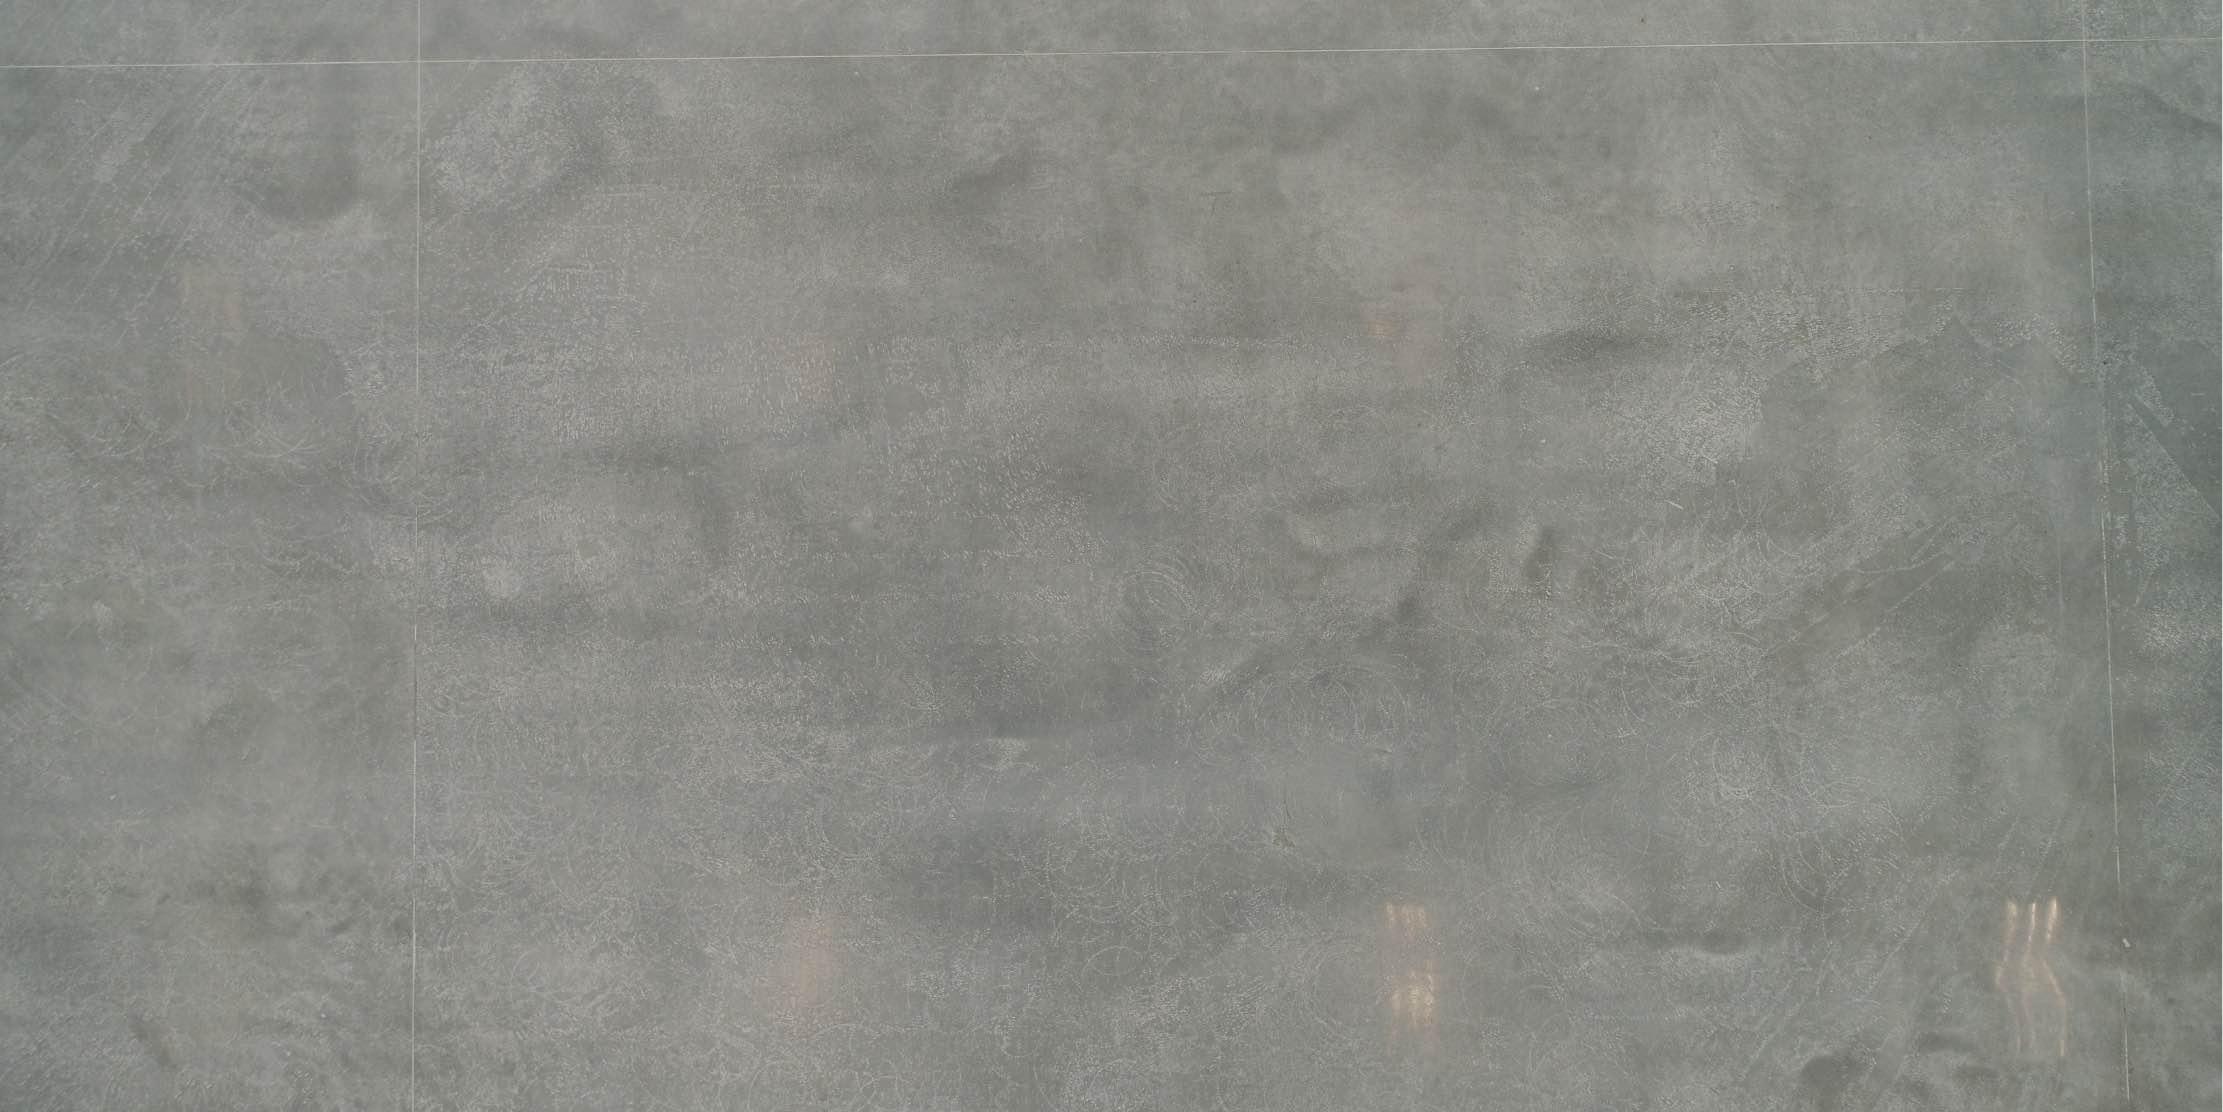 Waterdichte betonnen vloer